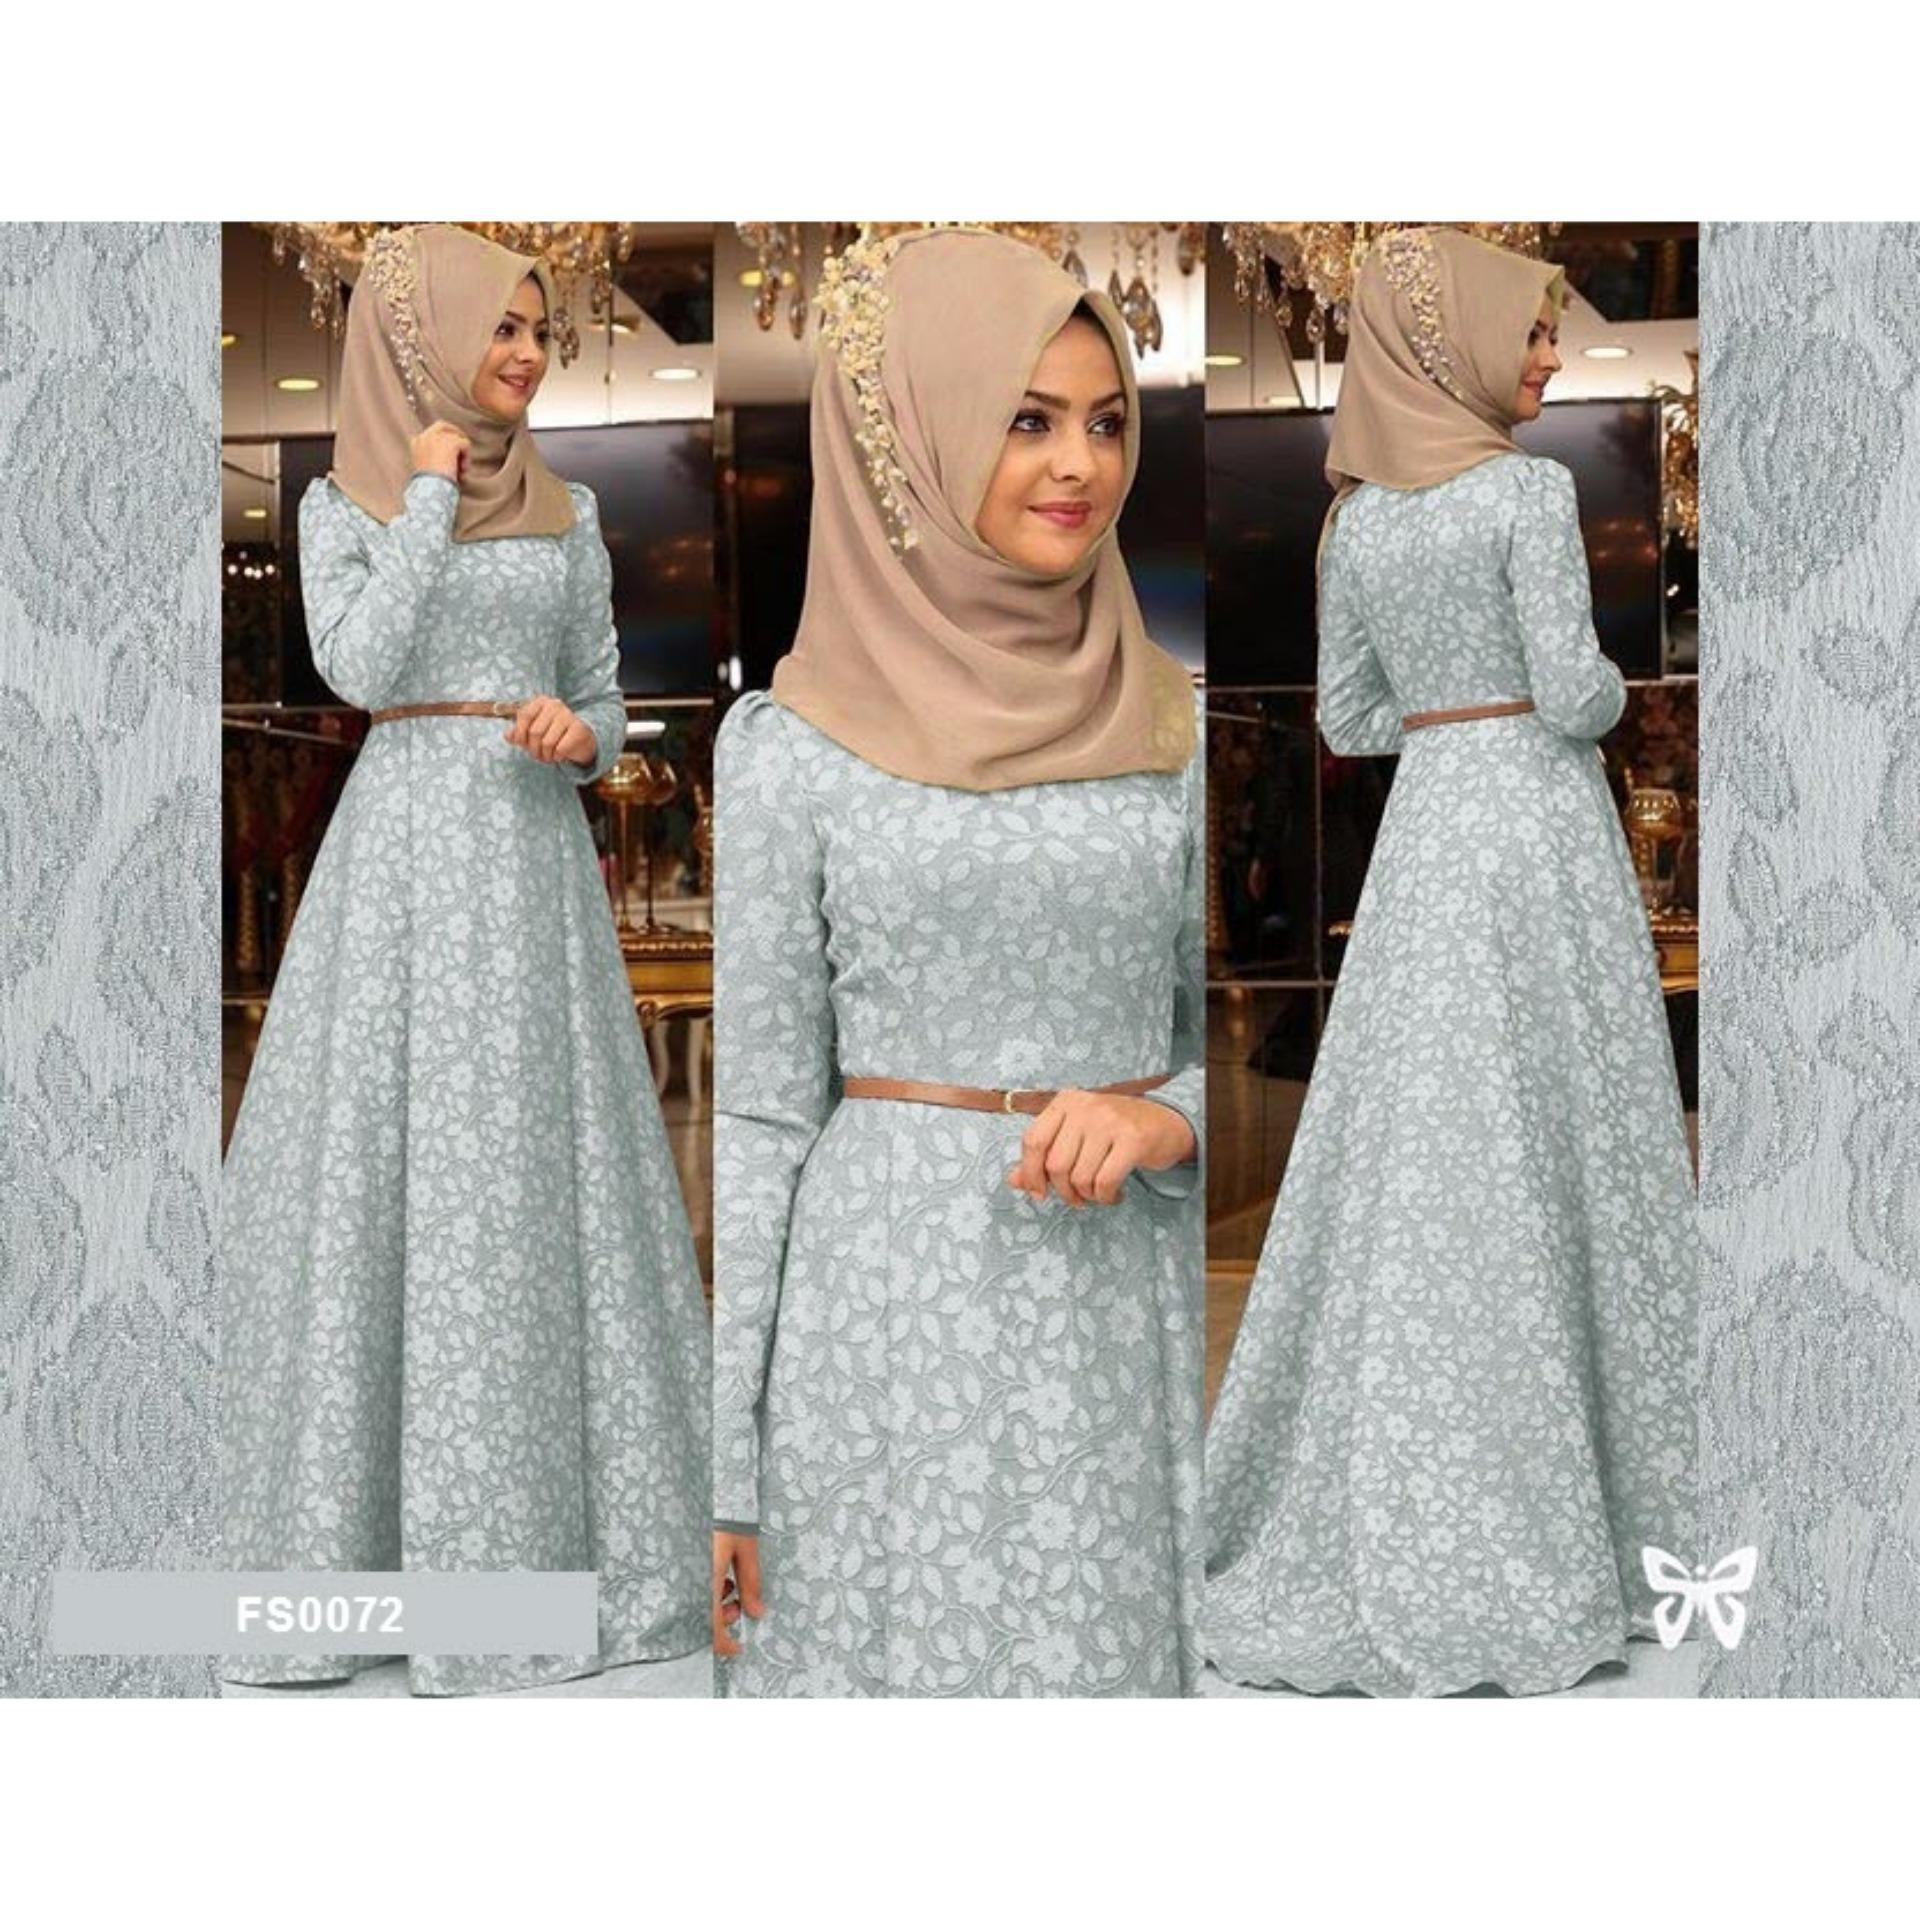 Jual Beli Flavia Store Maxi Dress Lengan Panjang Set 3 In 1 Fs0072 Tcash Vaganza 36 Totebag Ethnic Black Abu